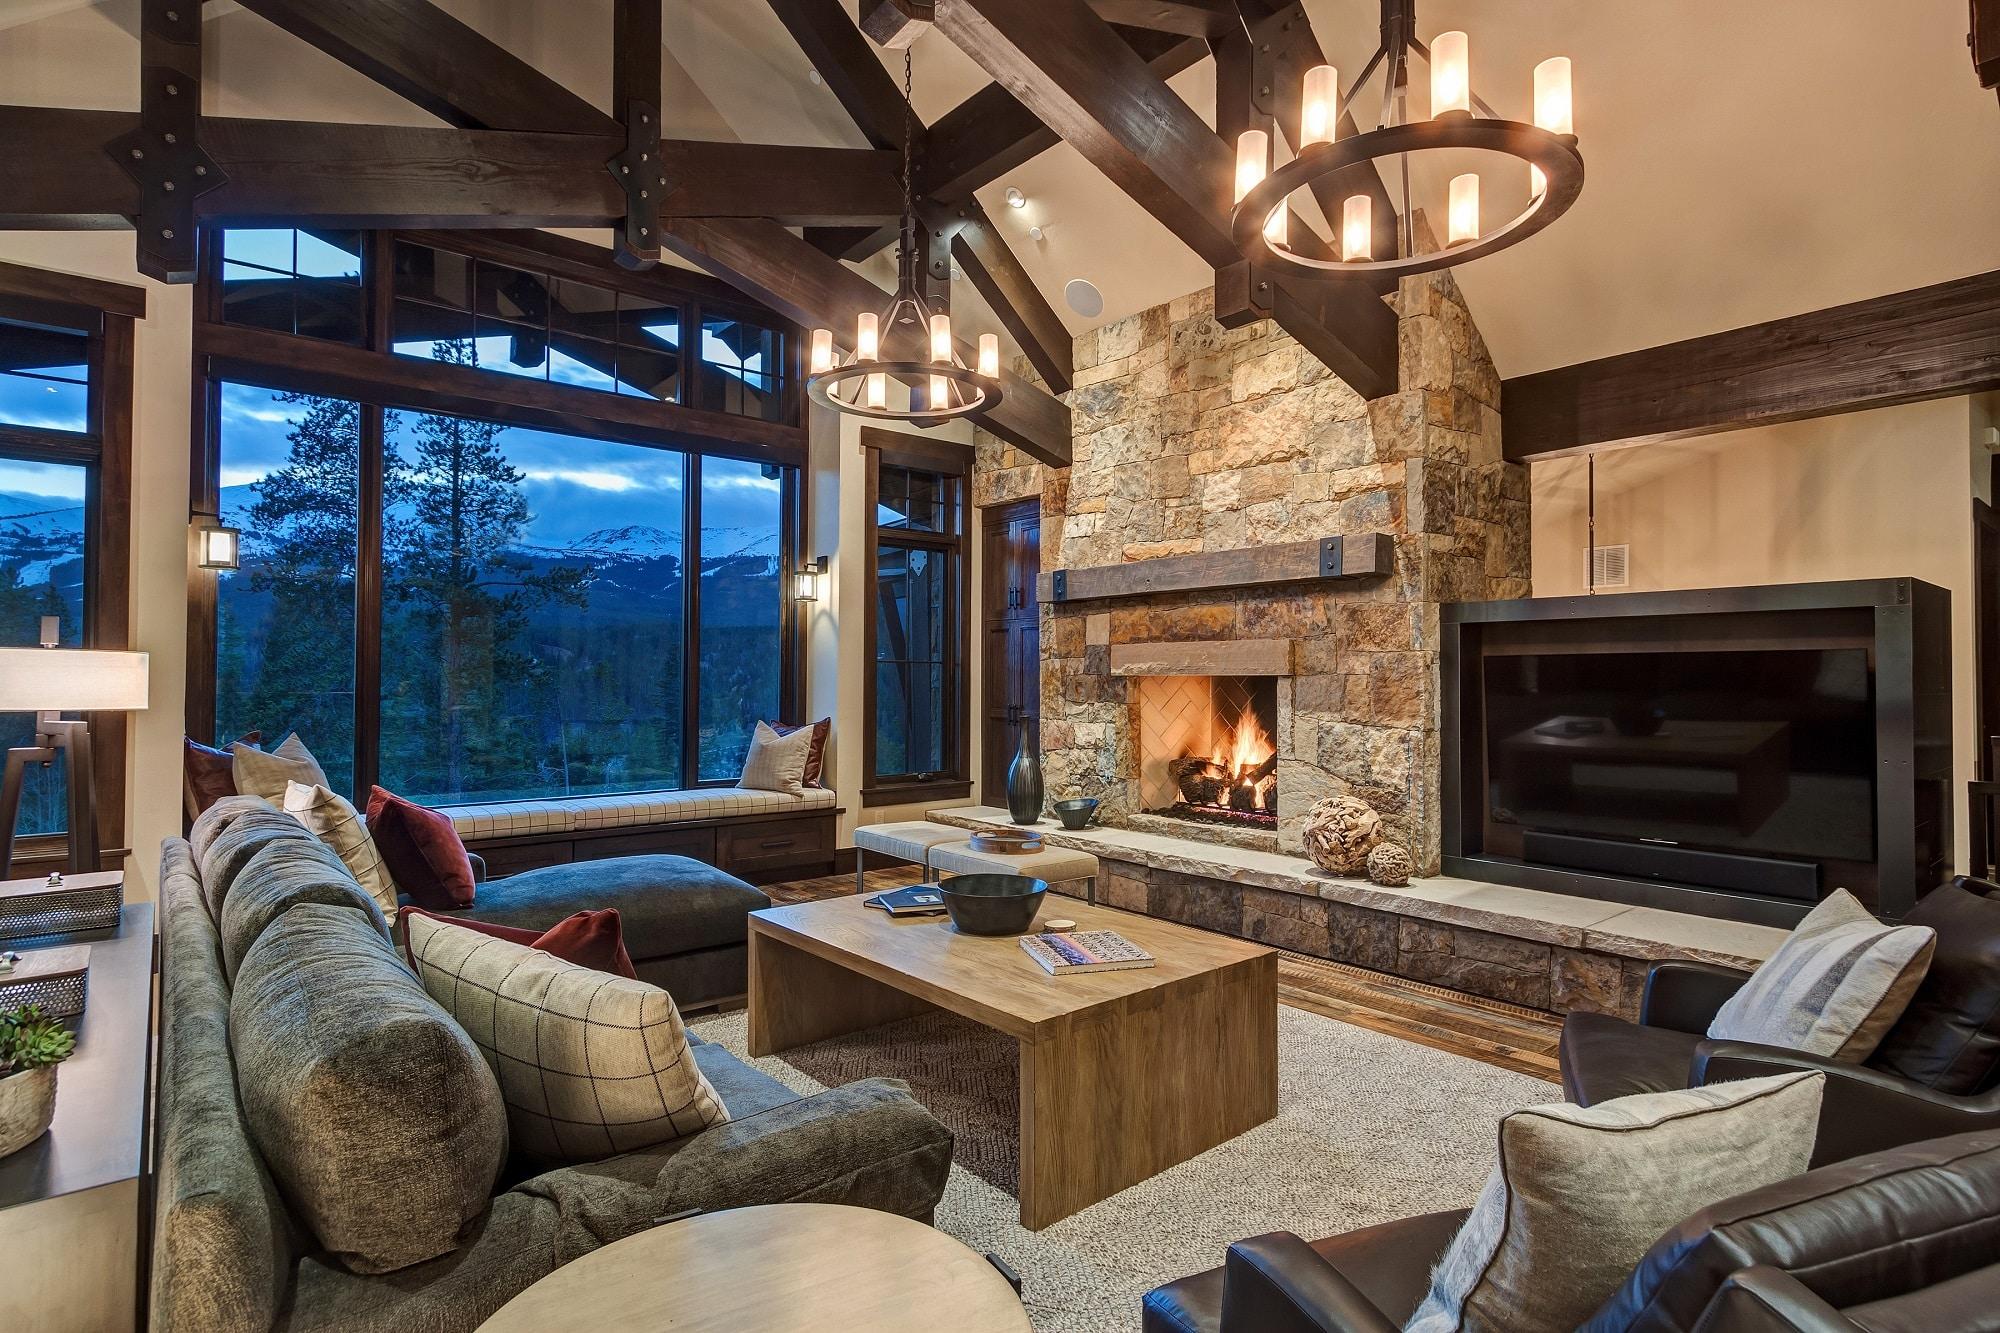 Breckenridge Real Estate For Sale